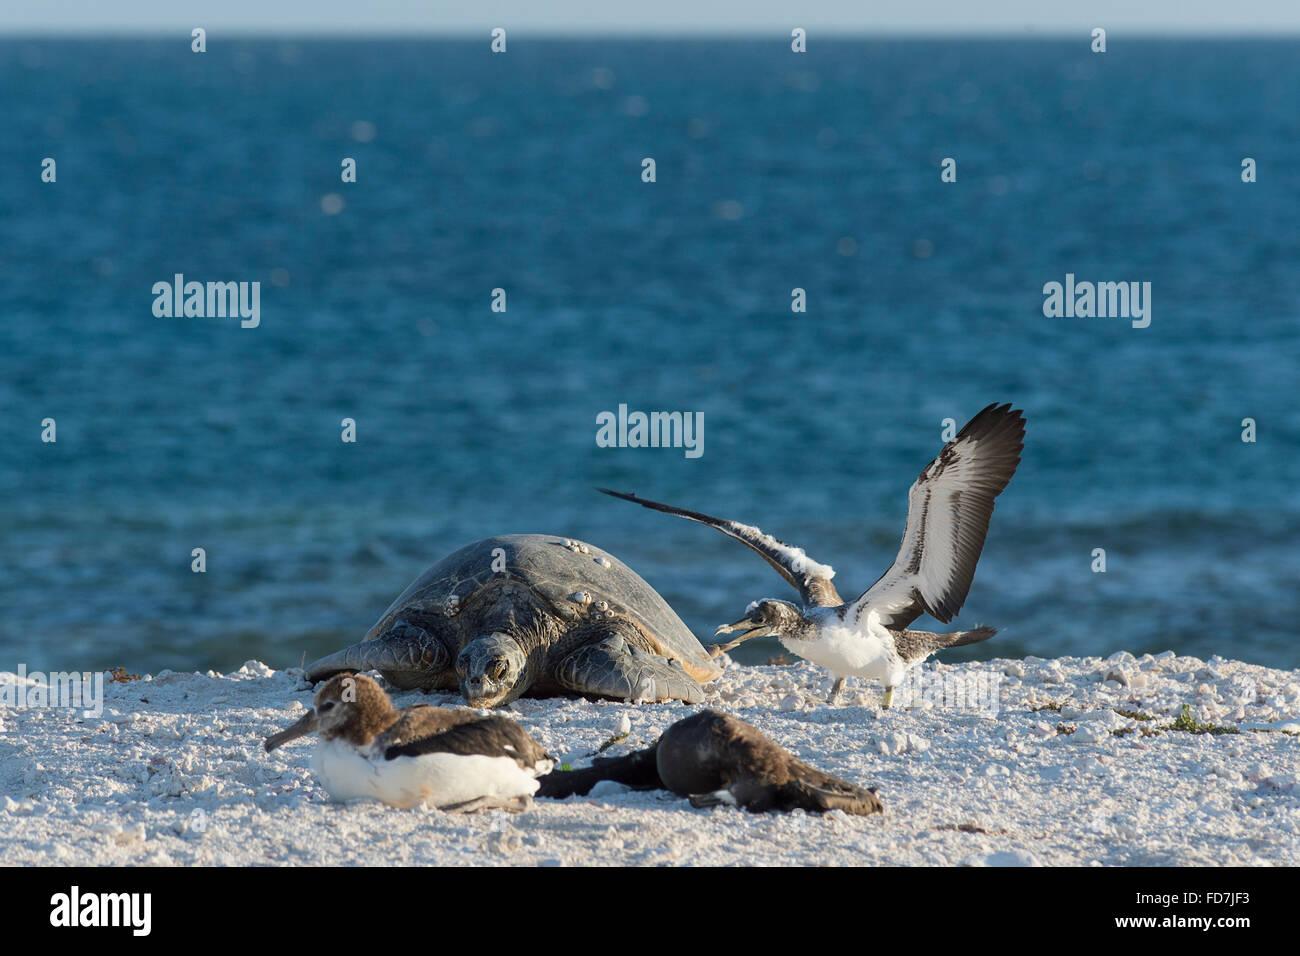 Una curiosa cabritos bobo castaño, Sula leucogaster, investiga una tortuga de mar verde, Chelonia mydas, la Fragata Francesa Shoals, Hawai Foto de stock